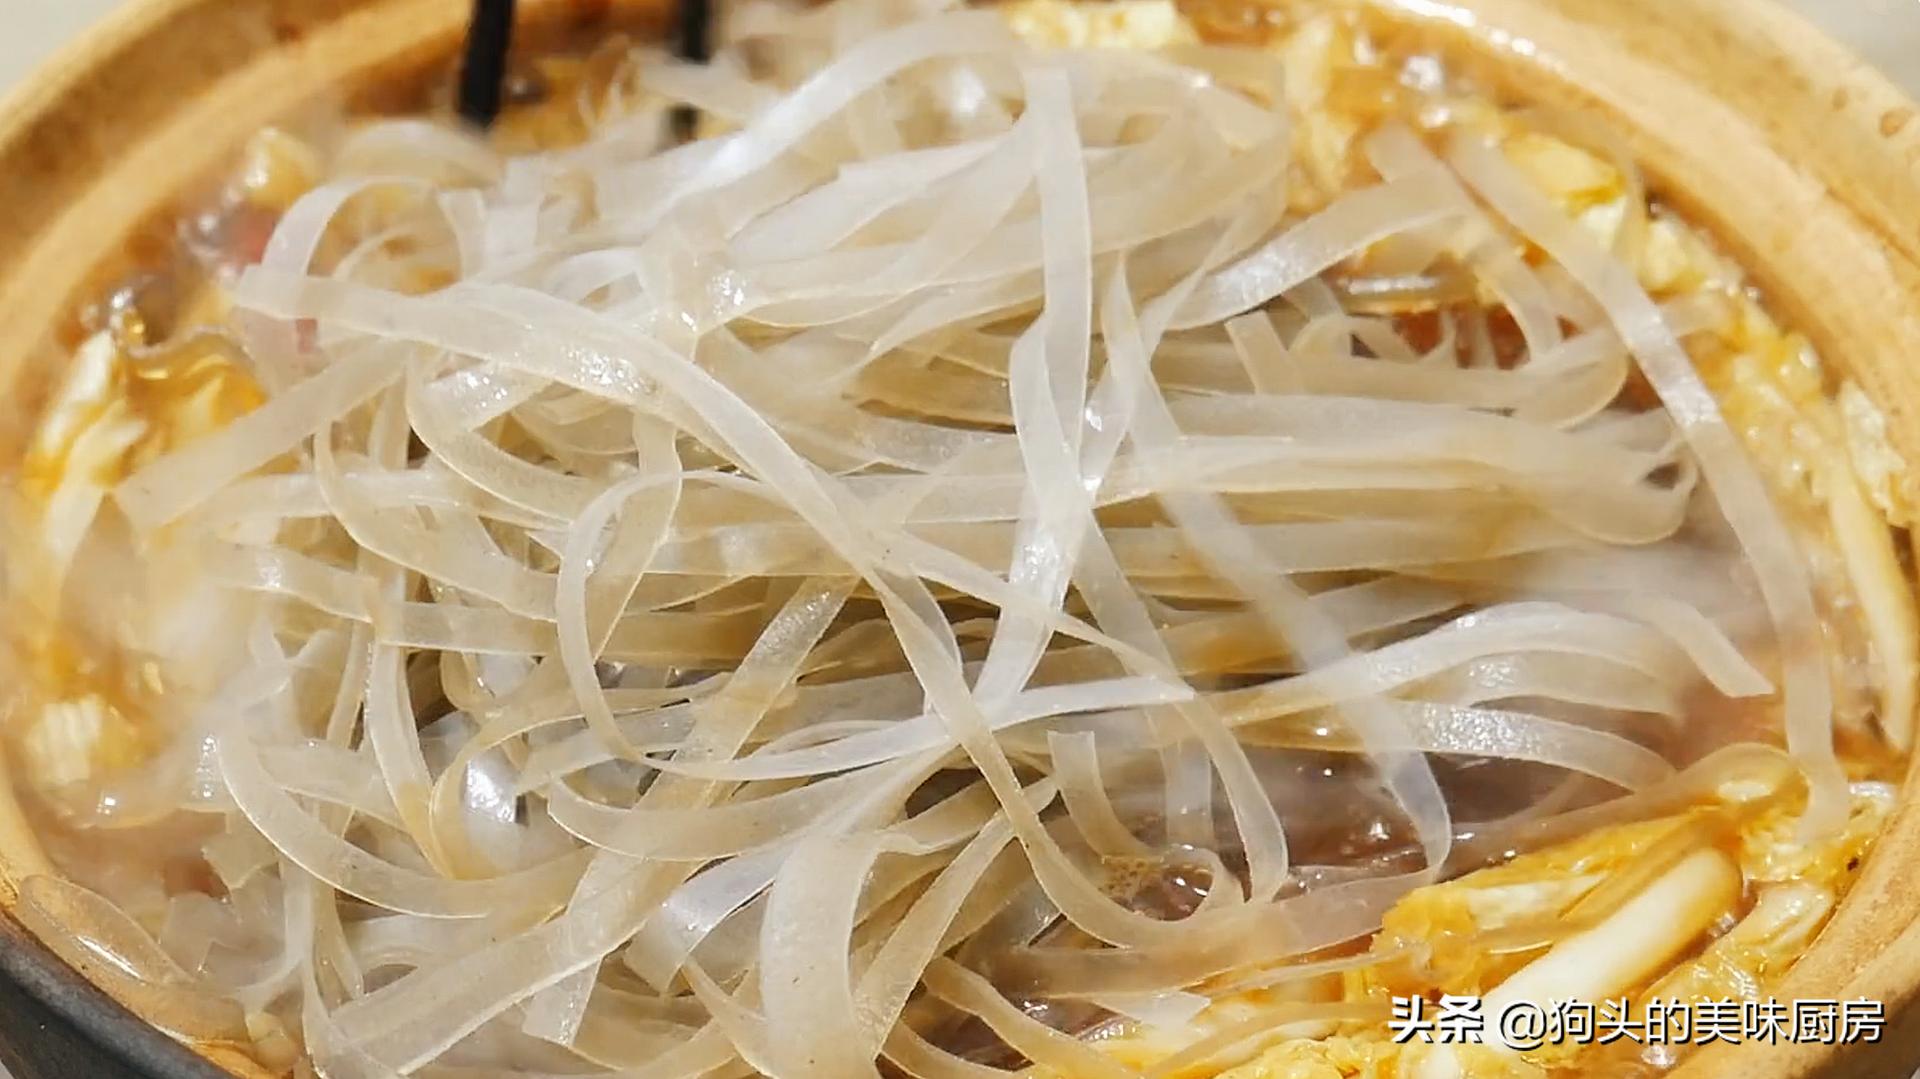 白菜炖粉条怎么做才好吃?教你一个诀窍,鲜香味美,好吃又解馋 美食做法 第11张